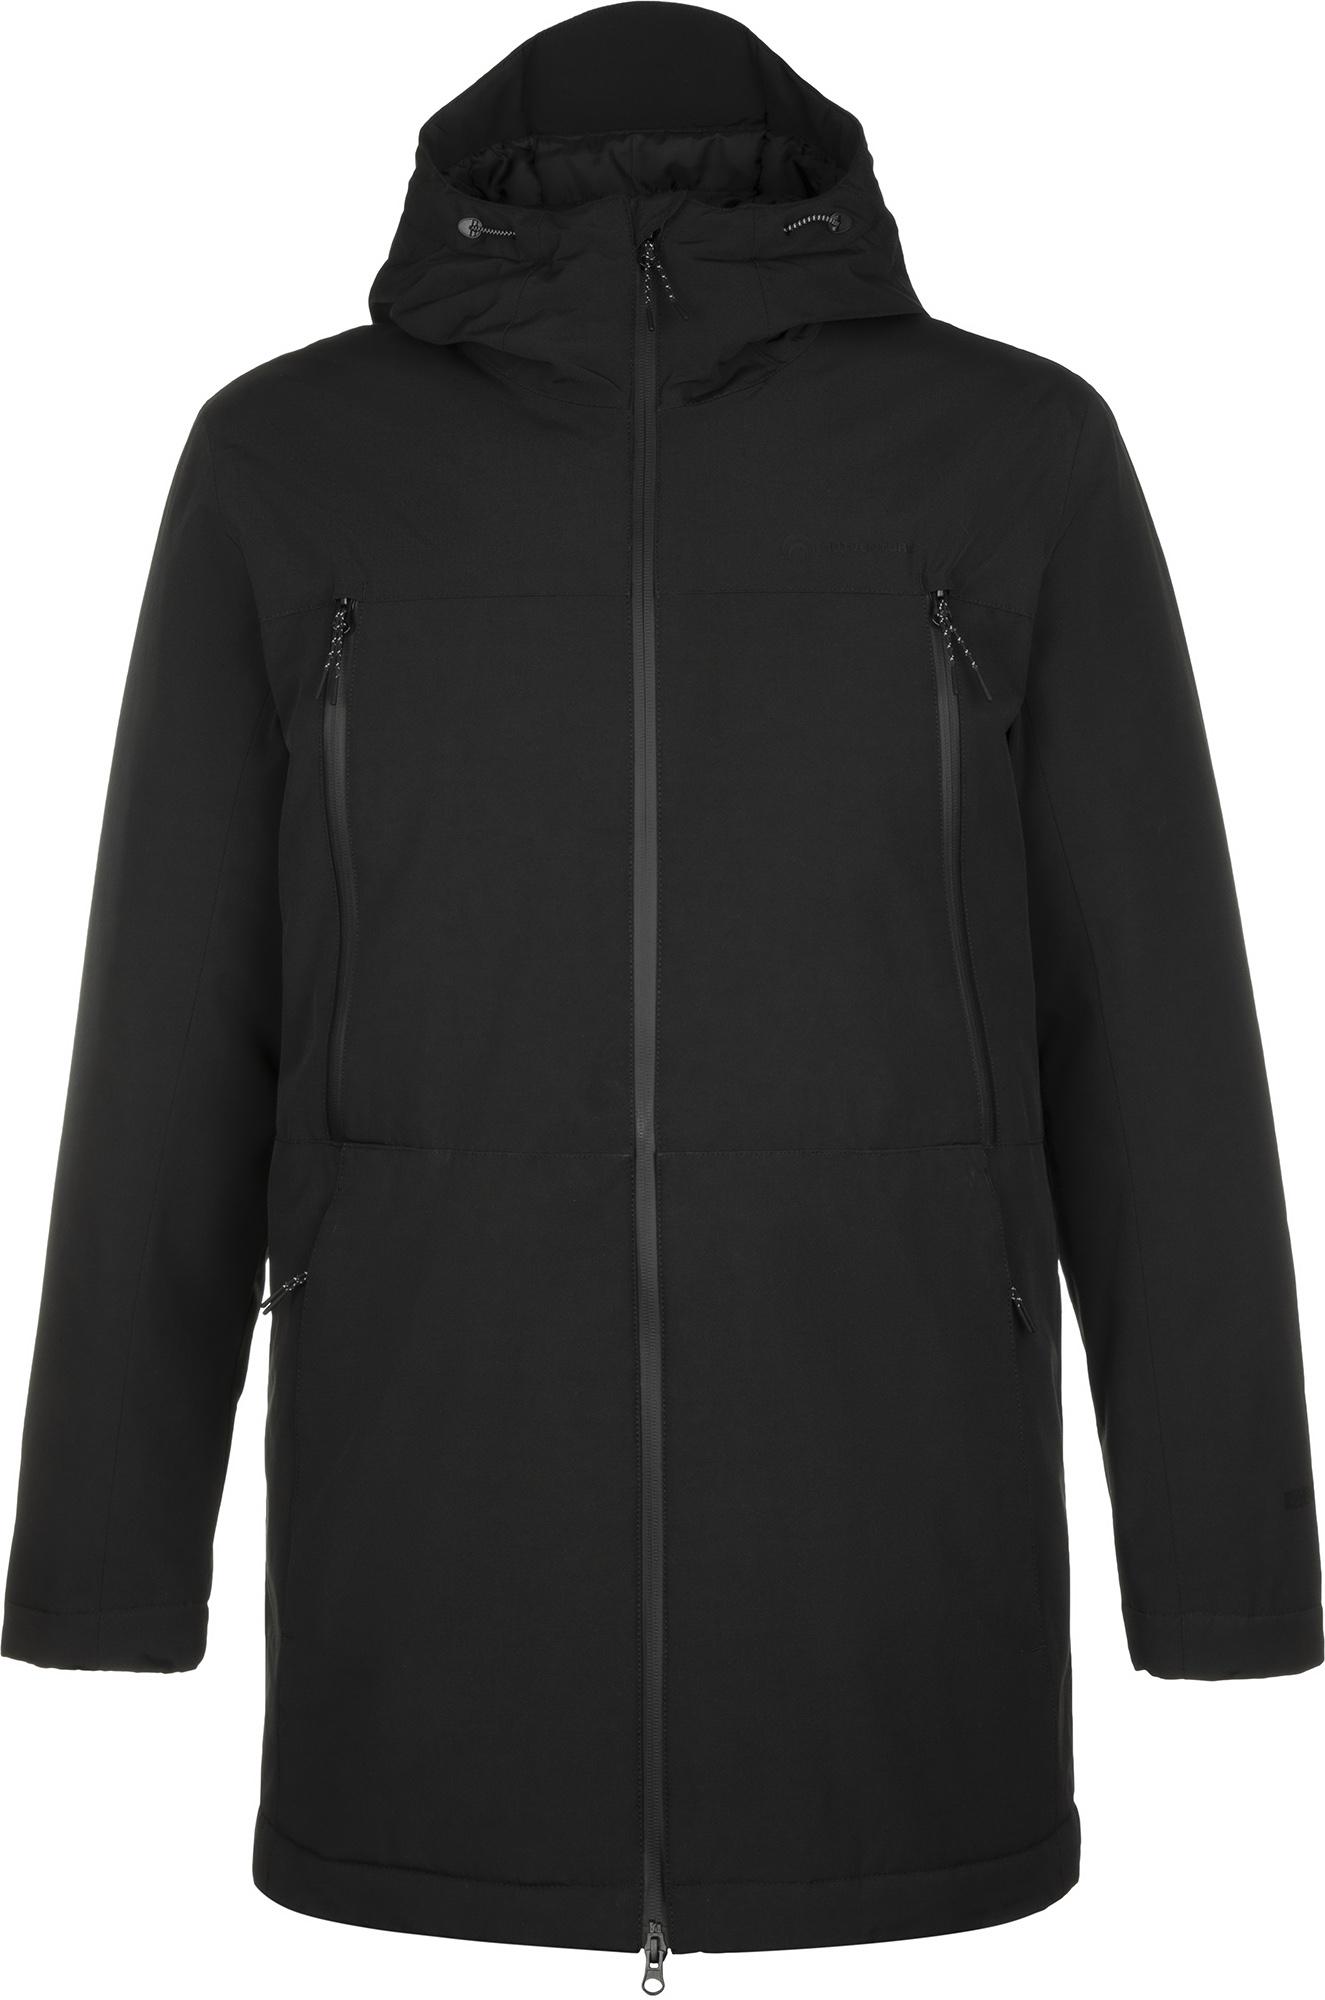 Фото - Outventure Куртка утепленная мужская Outventure, размер 58 outventure куртка утепленная для девочек outventure размер 134